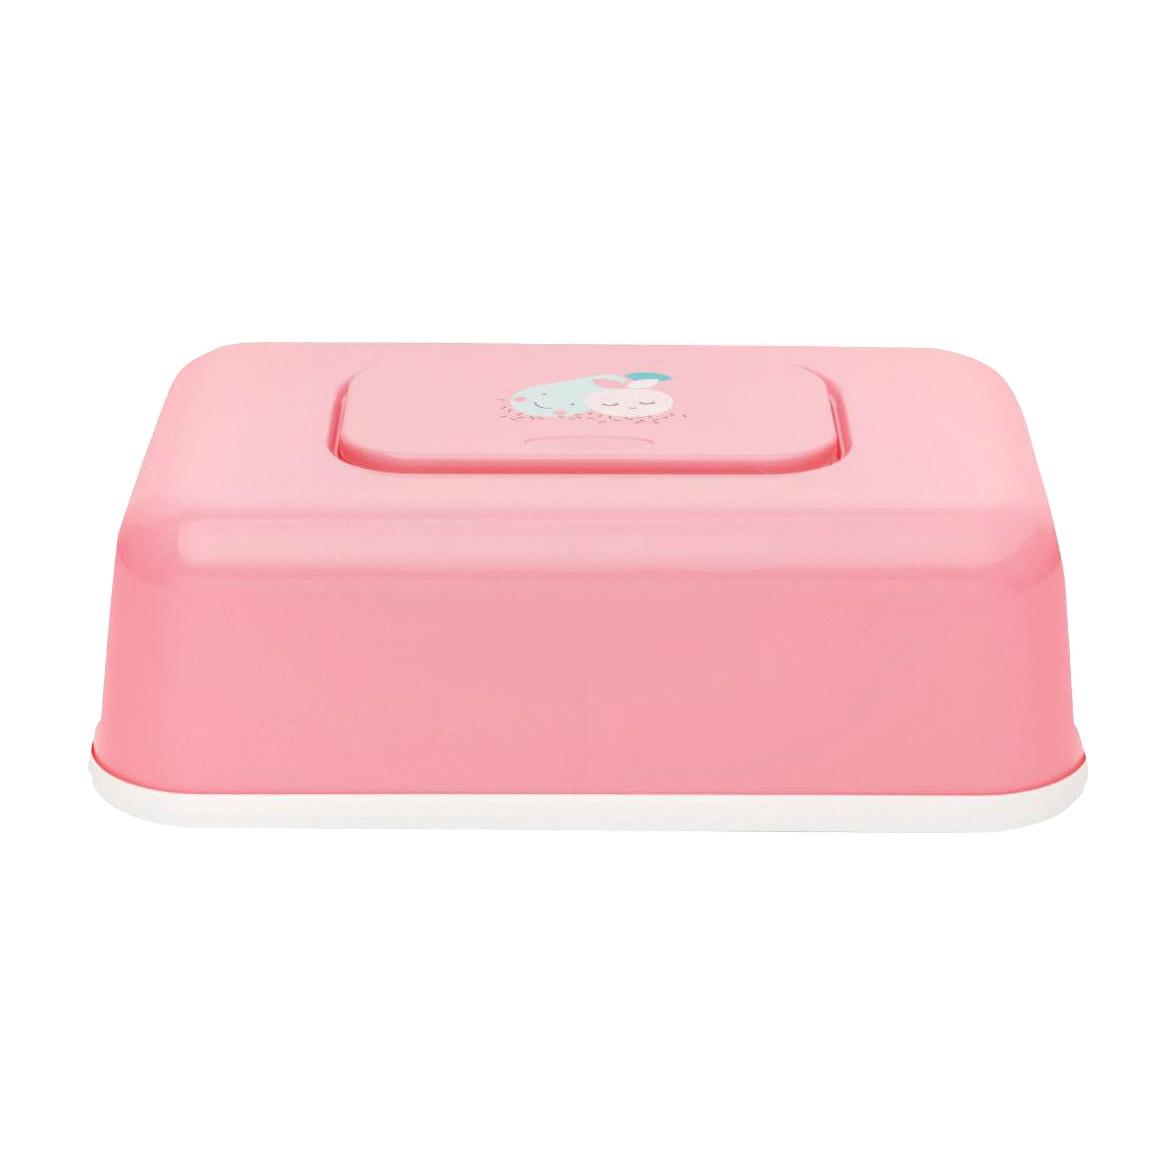 Коробочка Bebe Jou пластиковая для гигиенических принадлежностей НЕЖНЫЙ РУМЯНЕЦ контейнер для влажных салфеток bebe jou ментол совушки